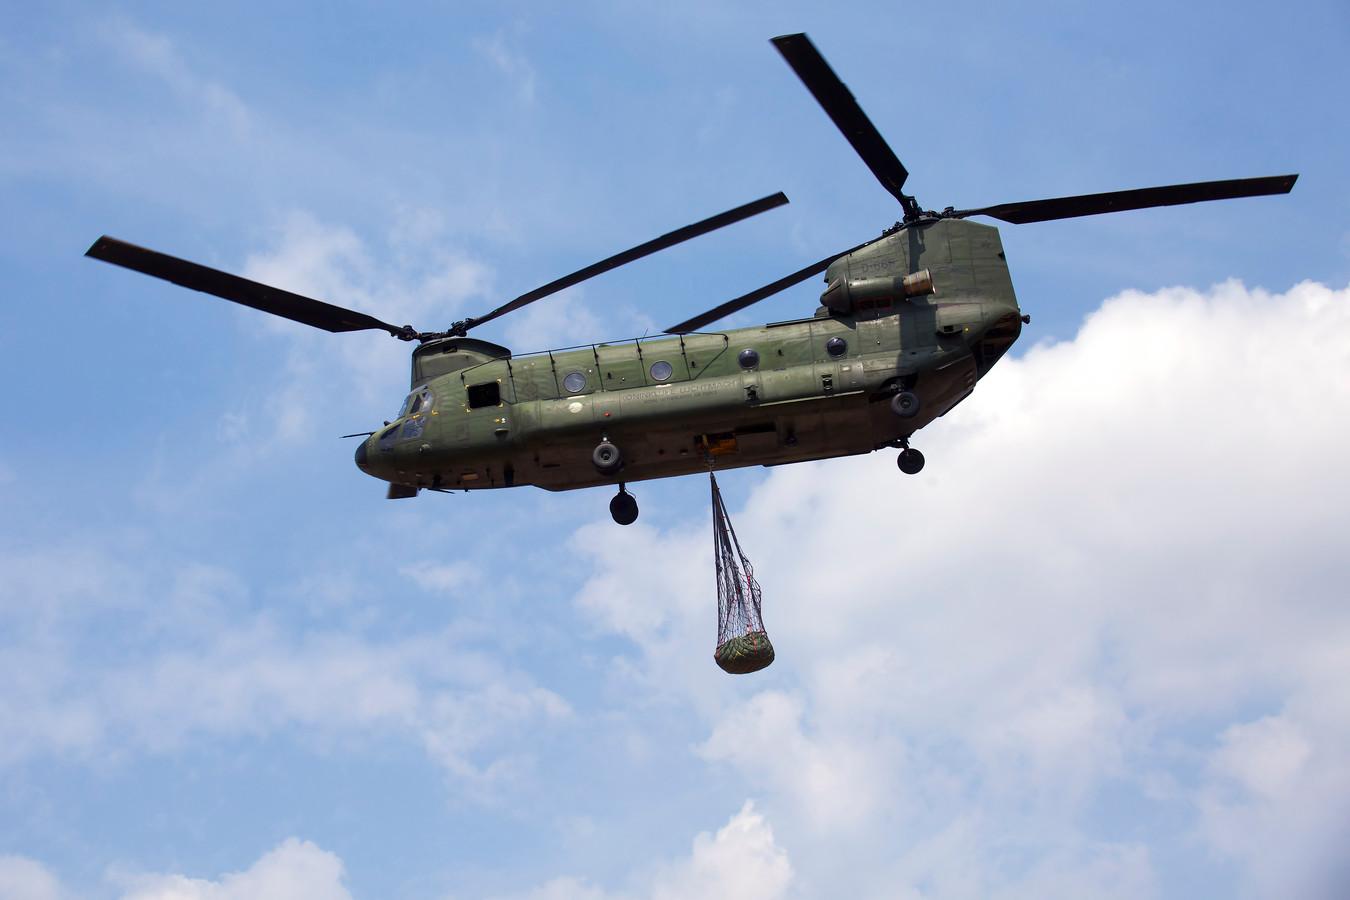 Op de vliegbasis Gilze-Rijen zijn dertien Chinooks gestationeerd. Deze helikopters veroorzaken de meeste geluidsoverlast.